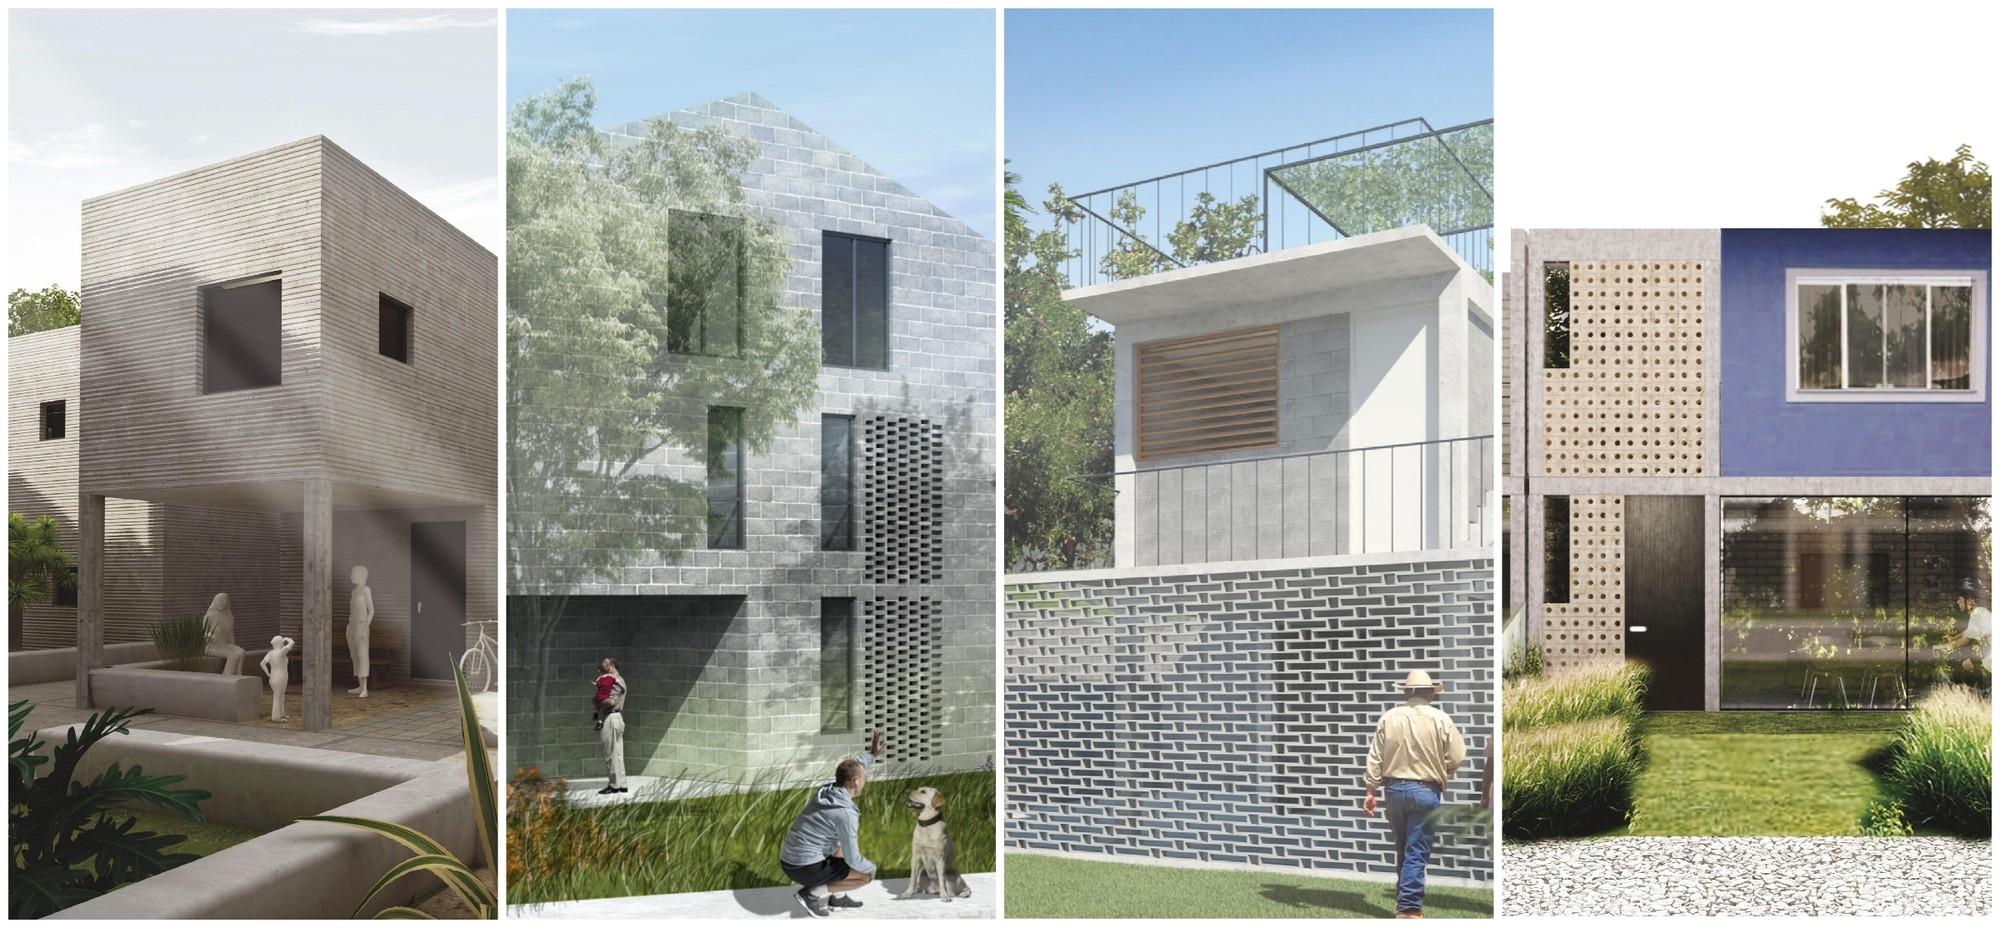 """""""Vivienda Unifamiliar Regional. 32 Entidades, 32 Arquitectos, 32 Propuestas"""": Arquitectos mexicanos realizan prototipos de vivienda mínima, Exposición """"Vivienda Unifamiliar Regional. 32 Entidades, 32 Arquitectos, 32 Propuestas"""""""